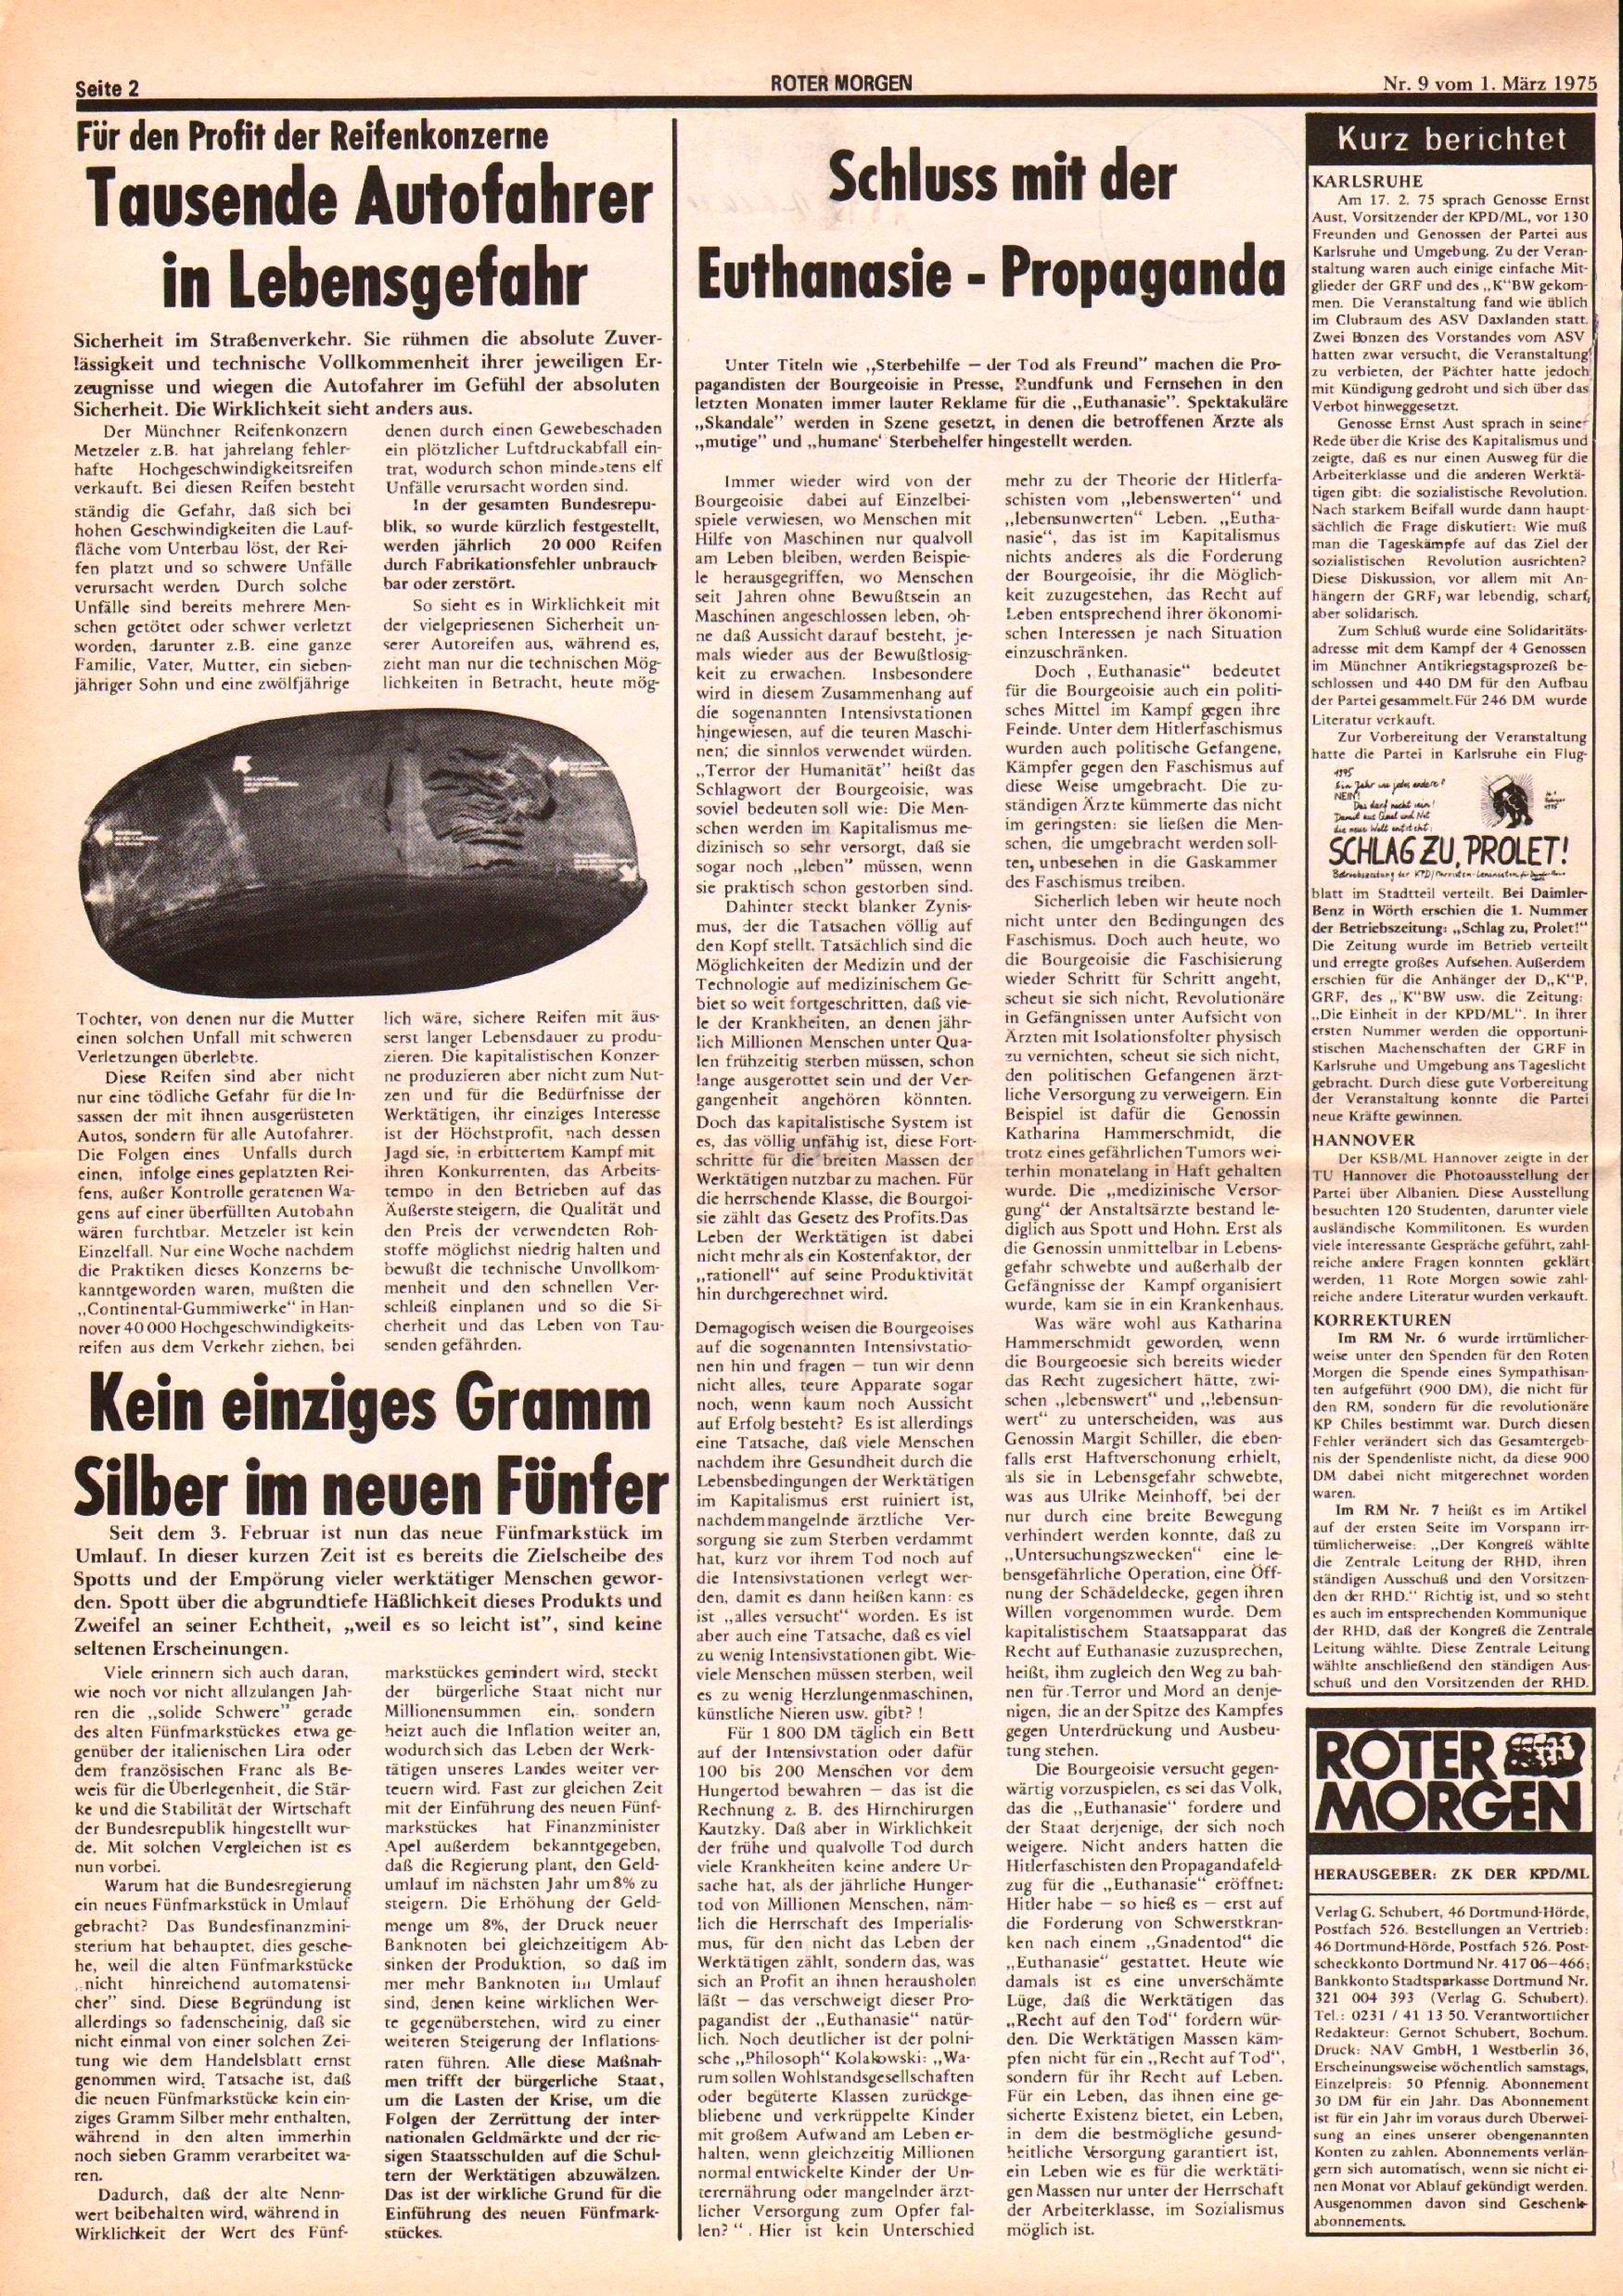 Roter Morgen, 9. Jg., 1. März 1975, Nr. 9, Seite 2